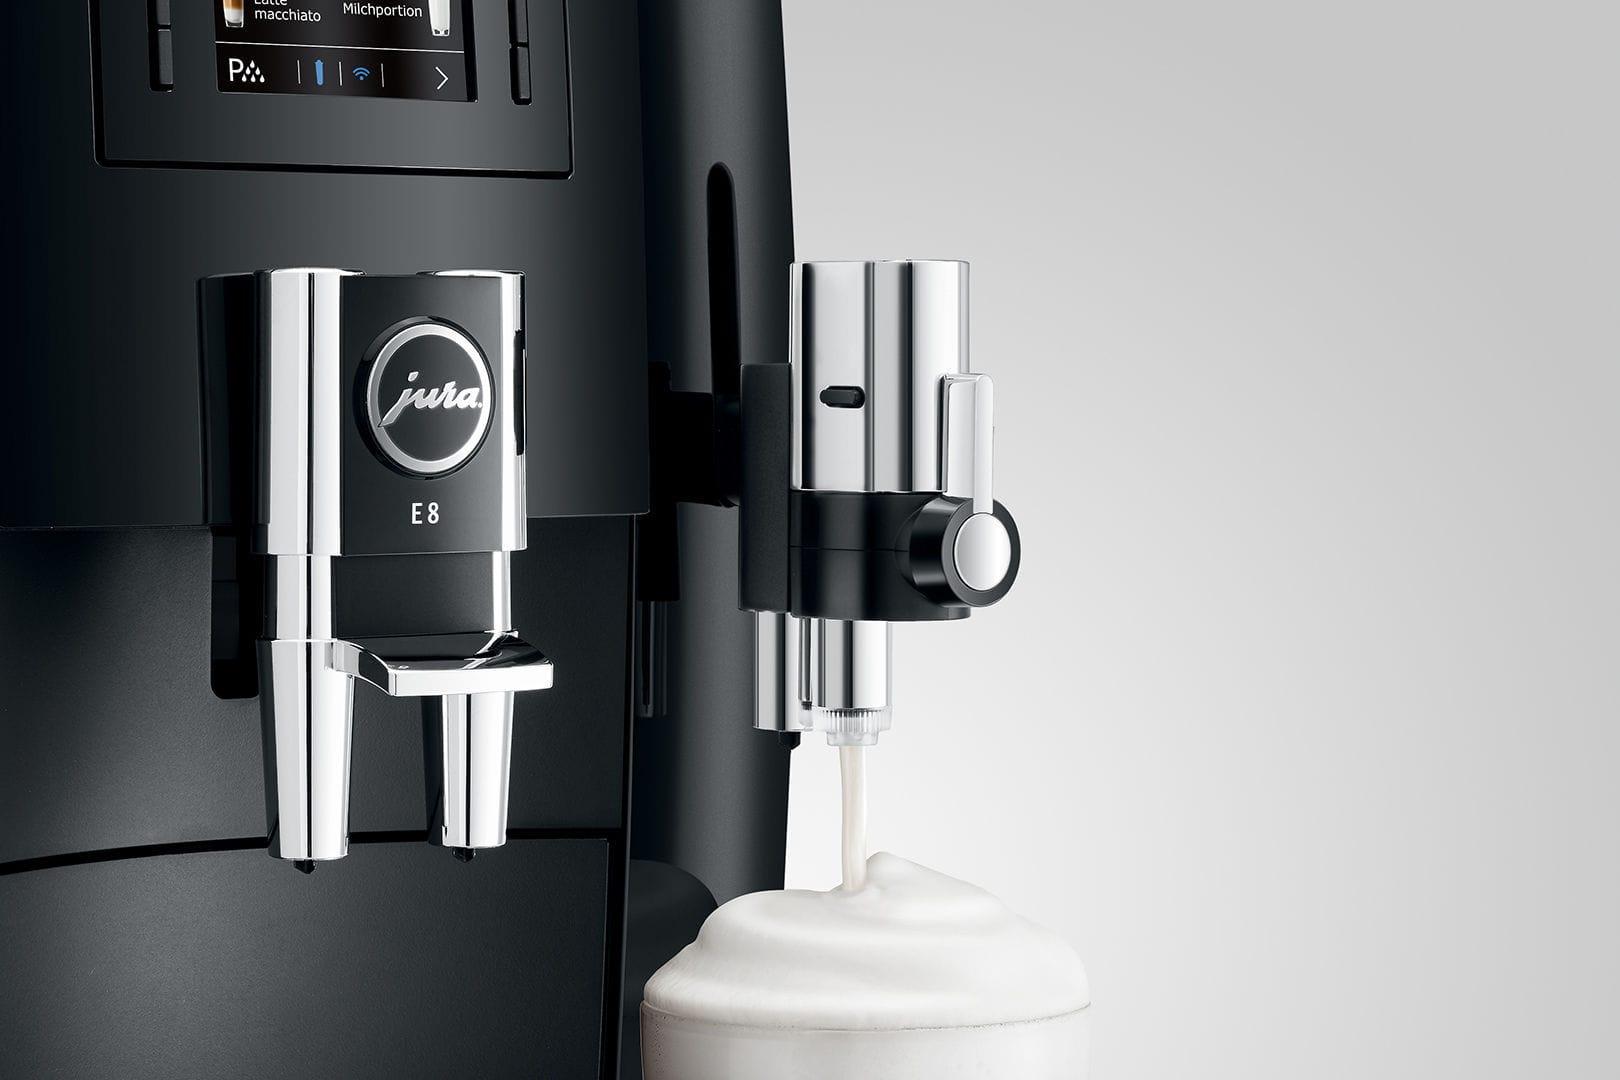 Espresso coffee machine - E8 - JURA - combined / commercial / automatic